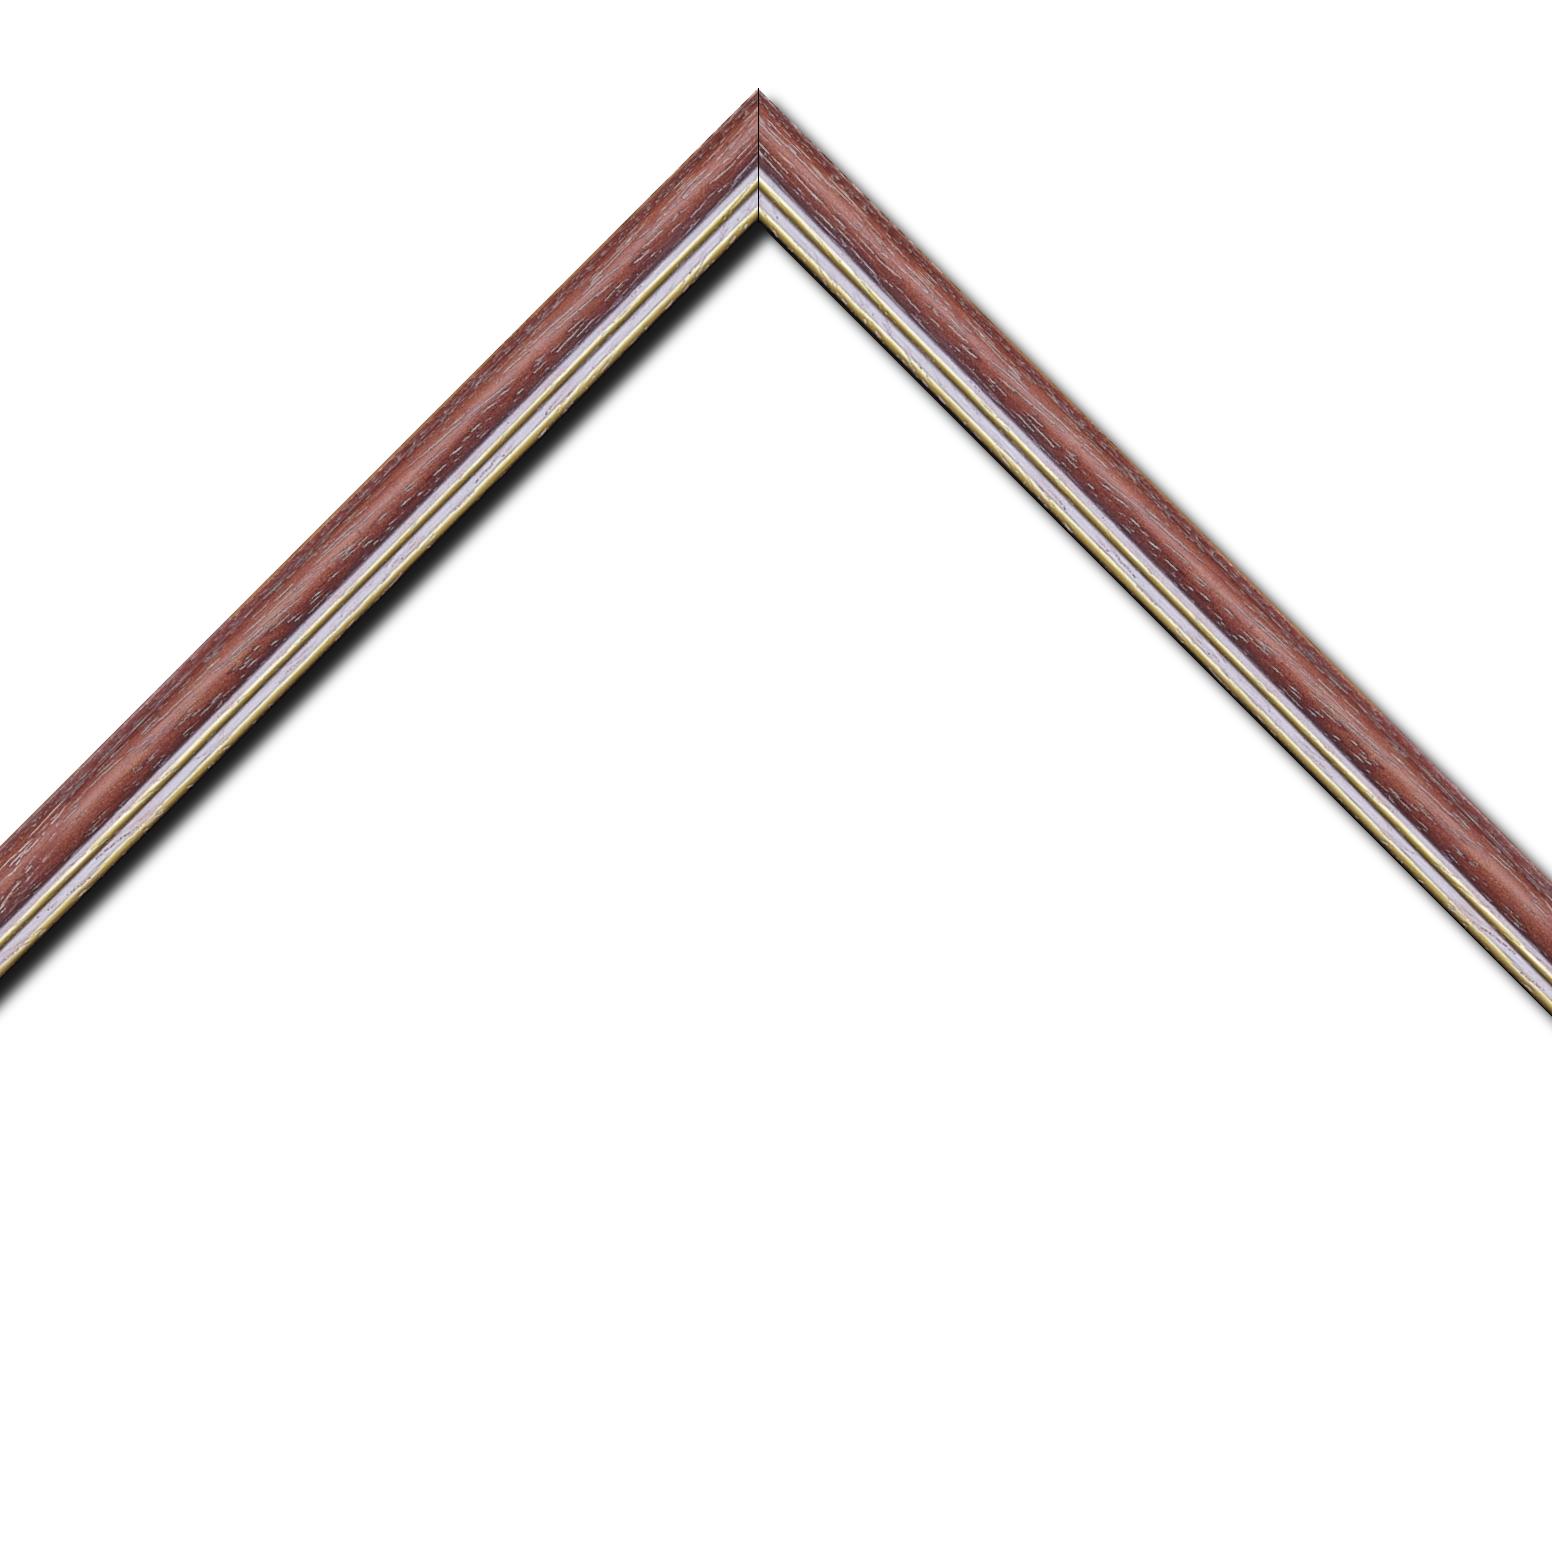 Baguette bois profil doucine inversée largeur 2.3cm framboise cérusé double filet or